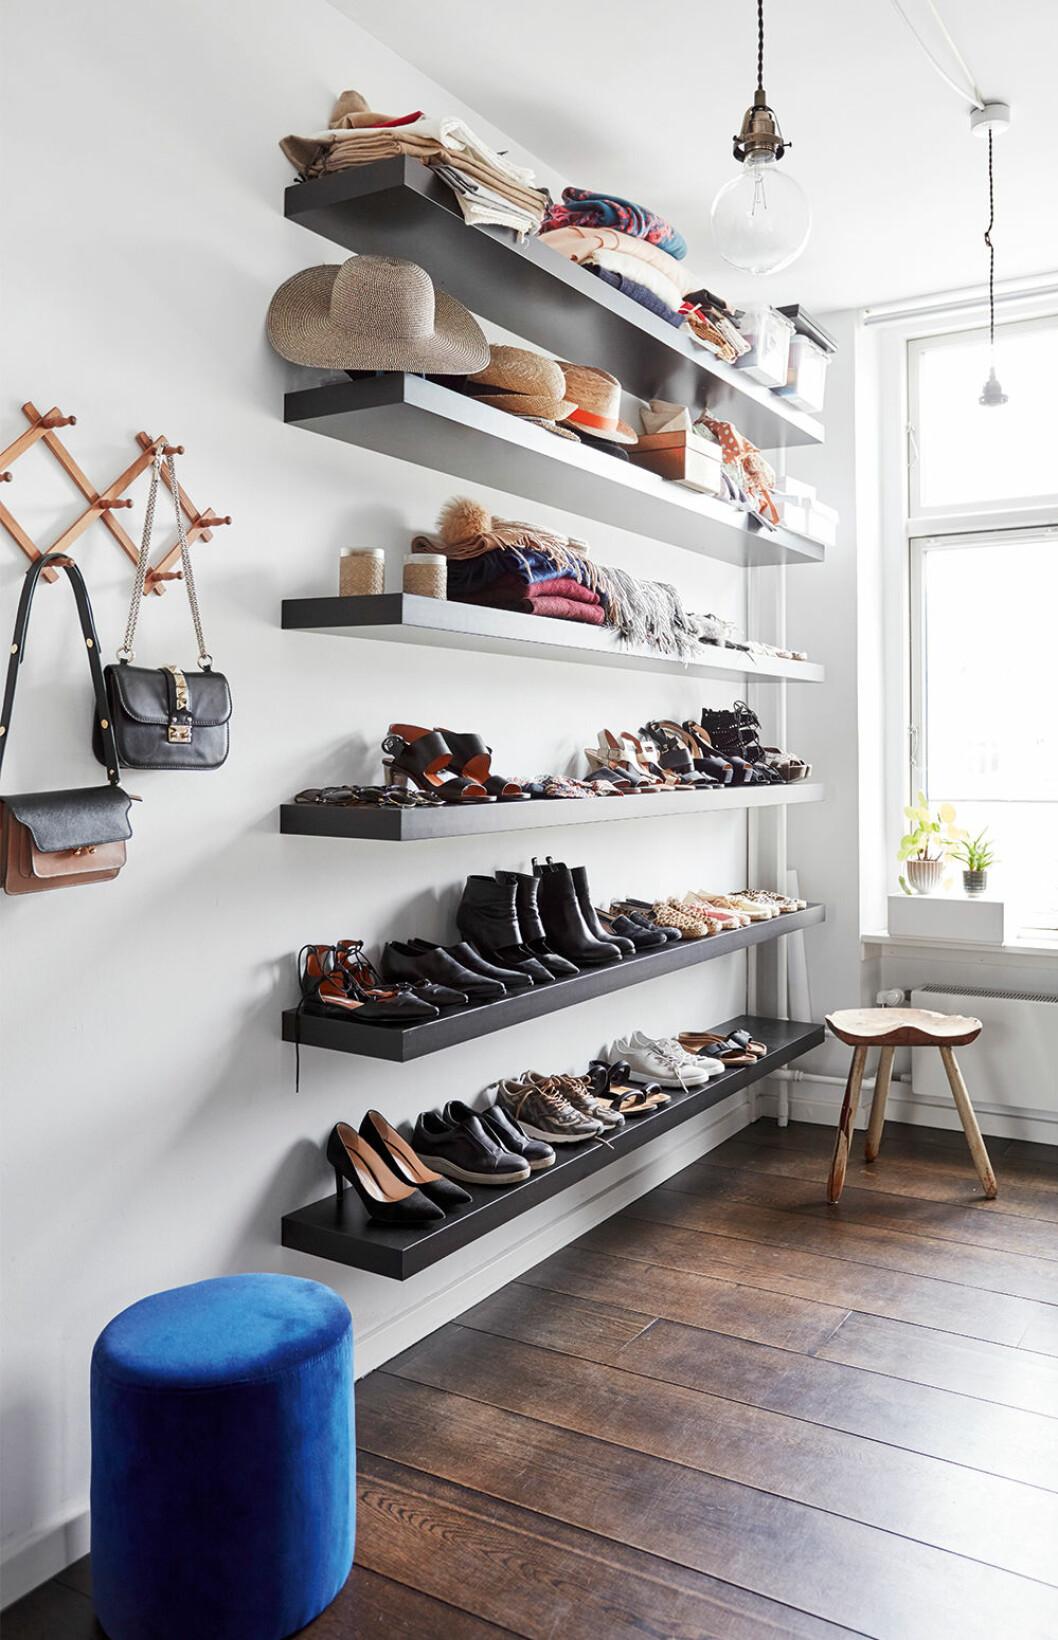 Öppen förvaring med skor och accessoarer